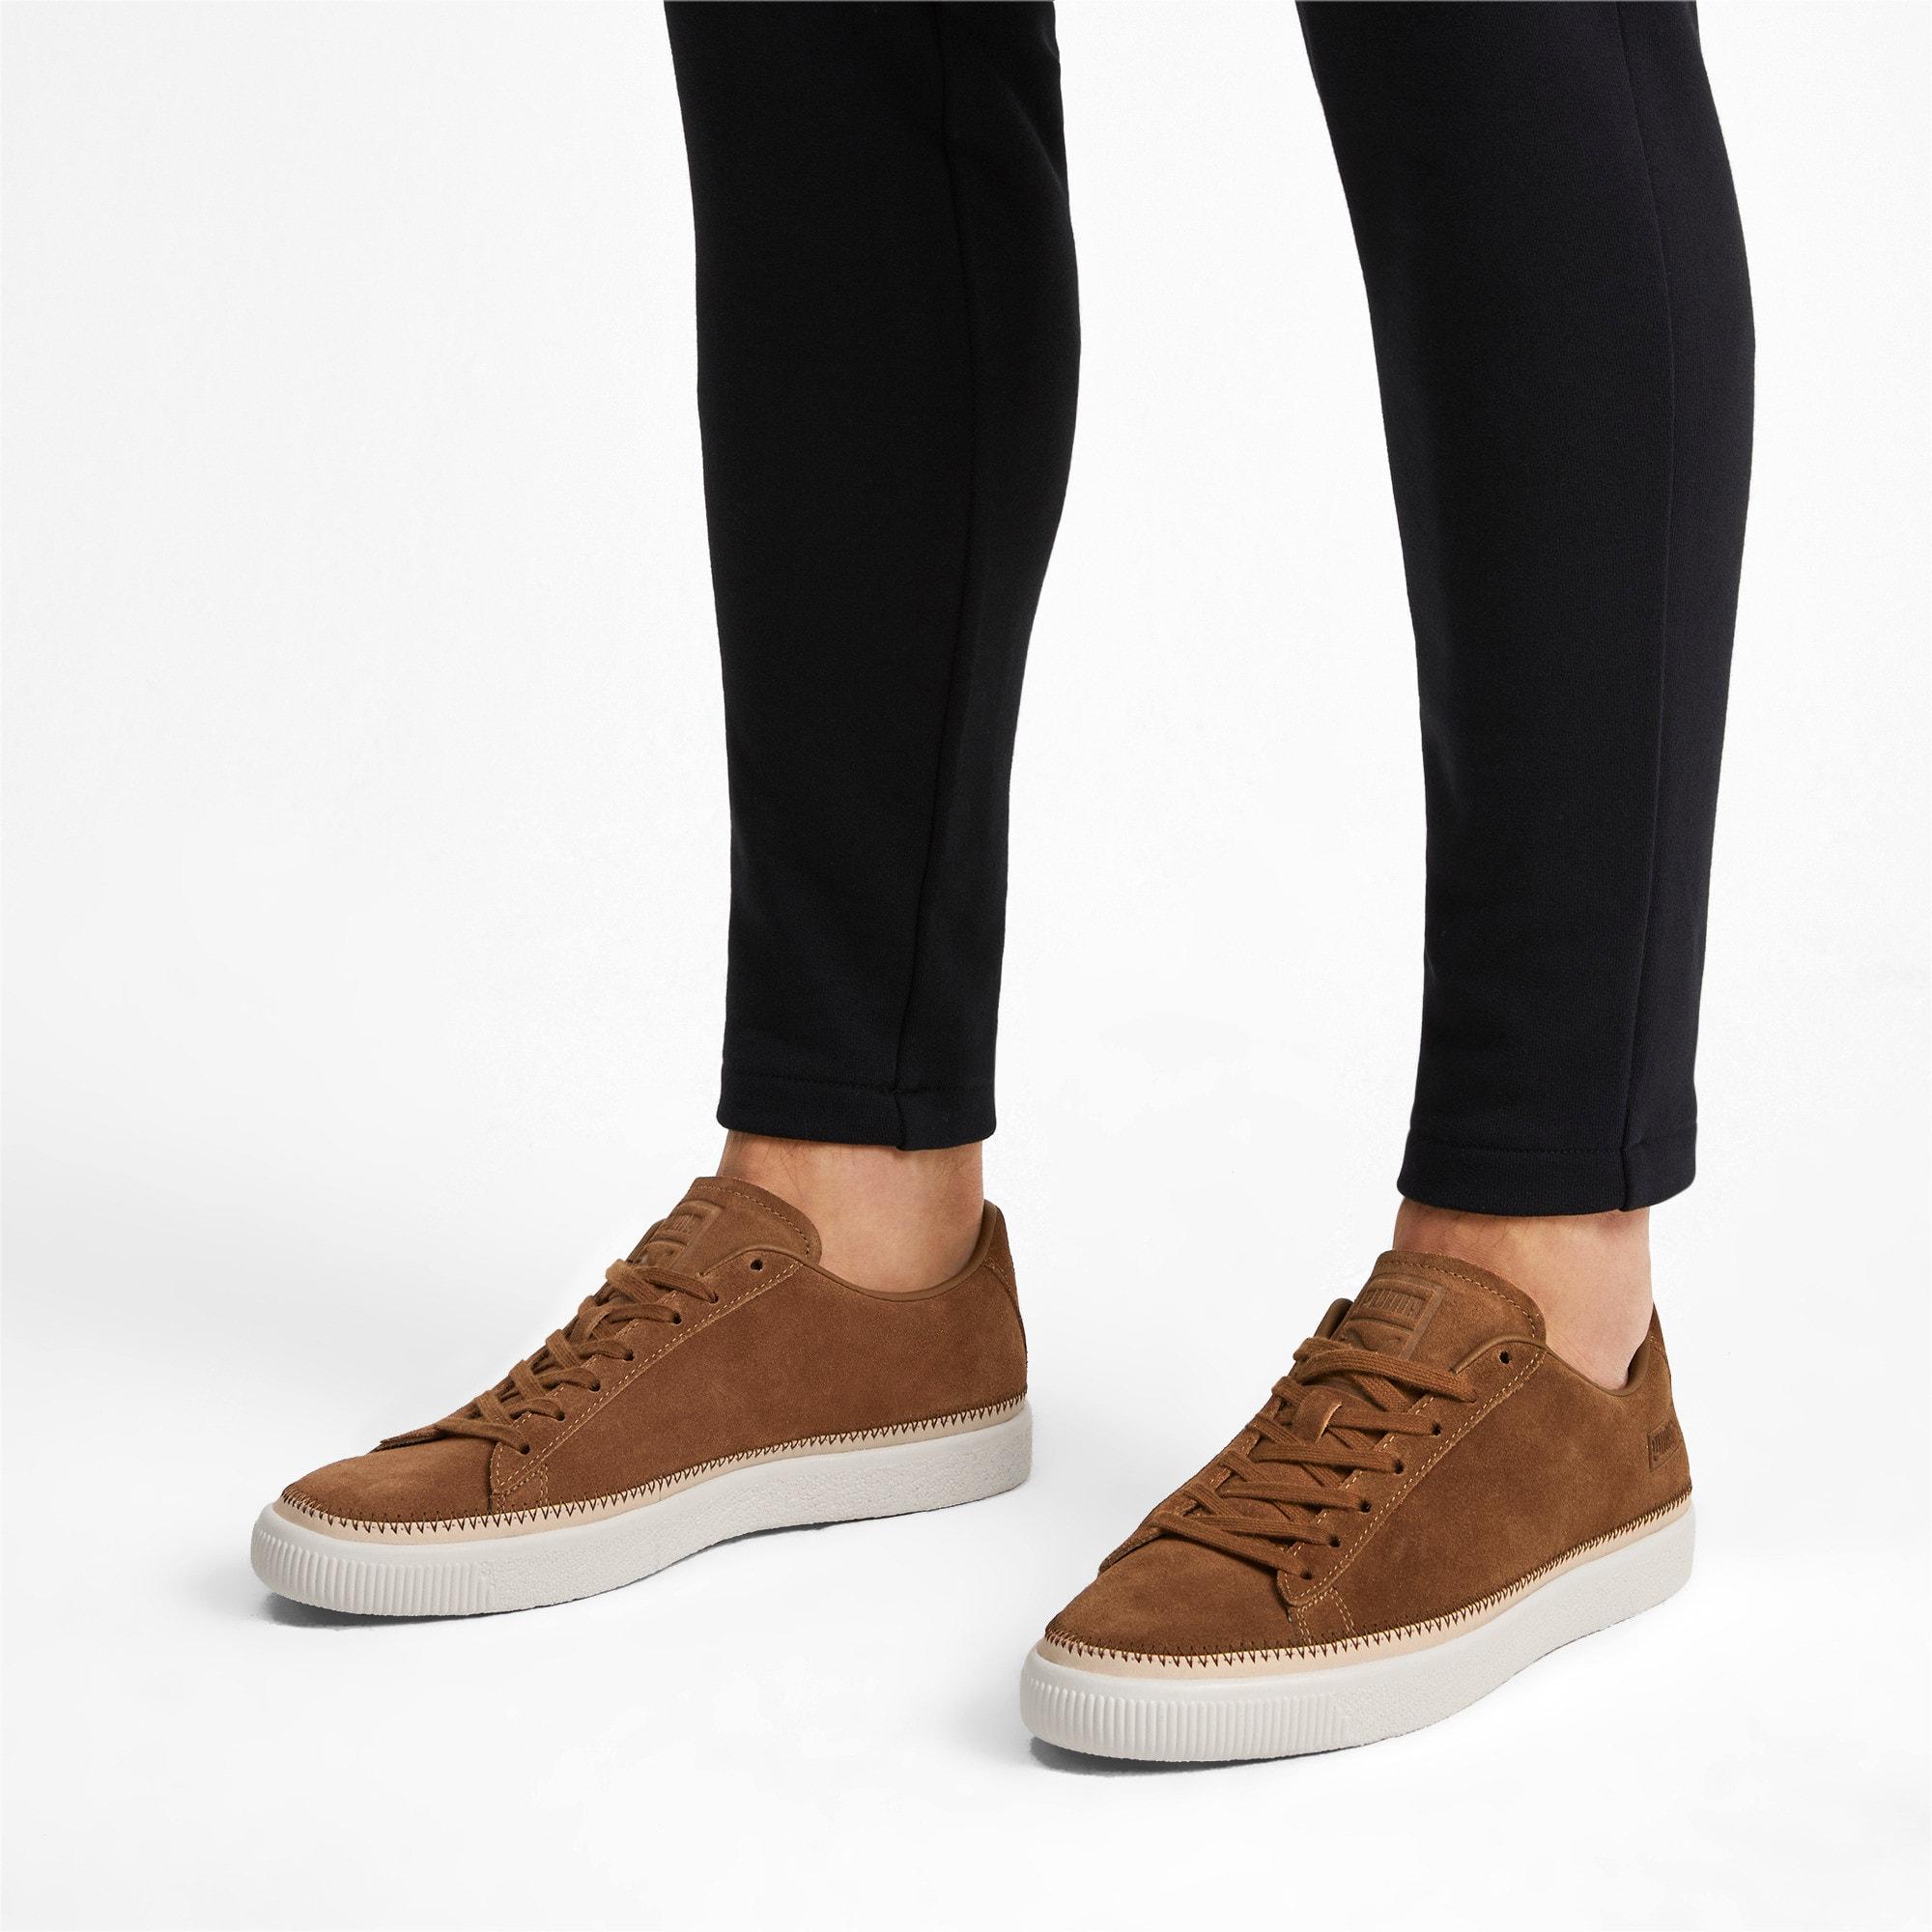 Miniatura 2 de Zapatos deportivos Suede Trim PRM, Dachsund-Whisper White, mediano